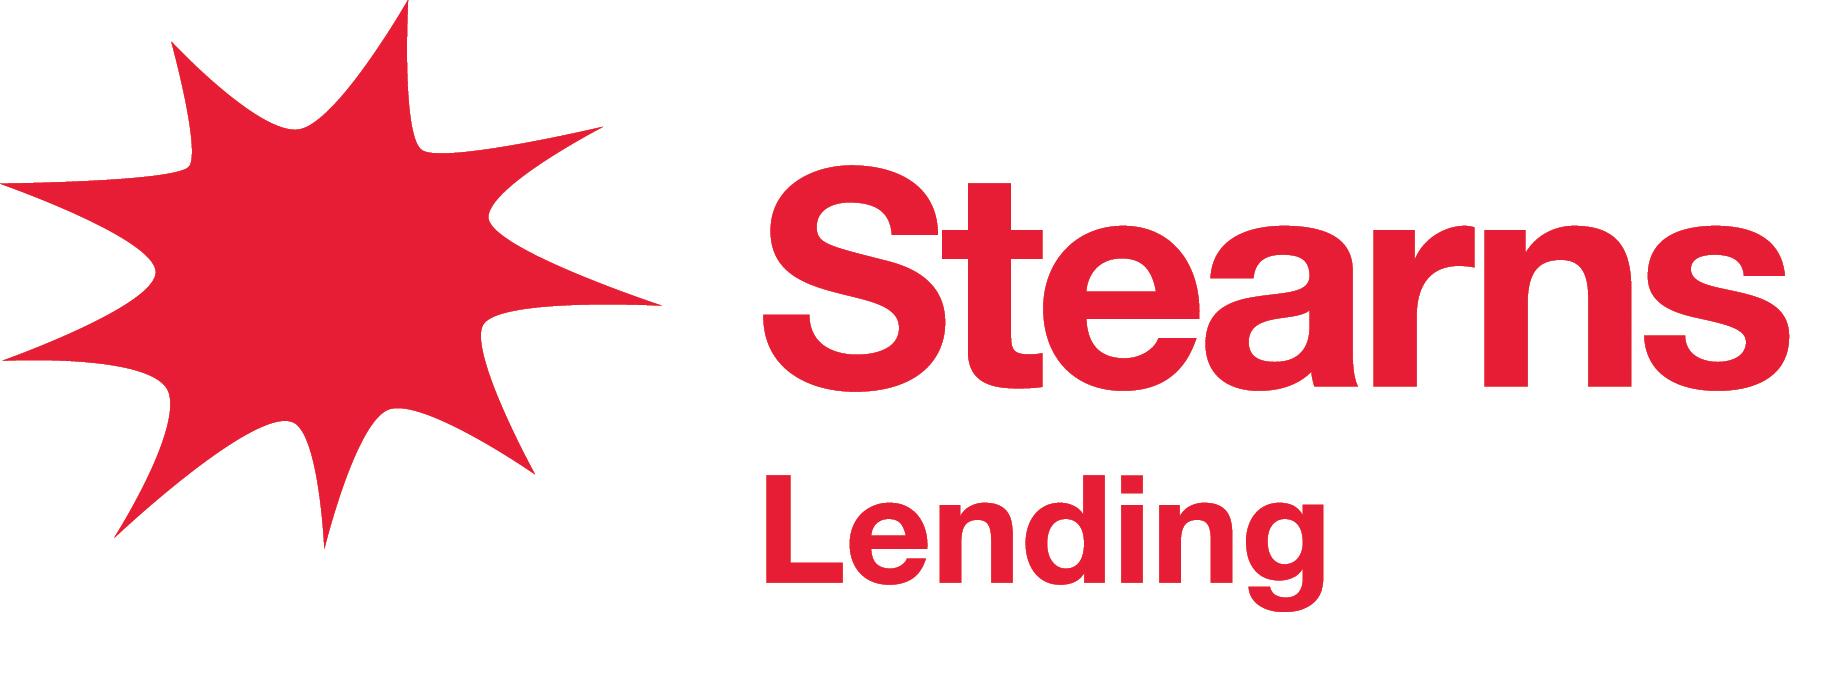 Stearns Lending.jpg